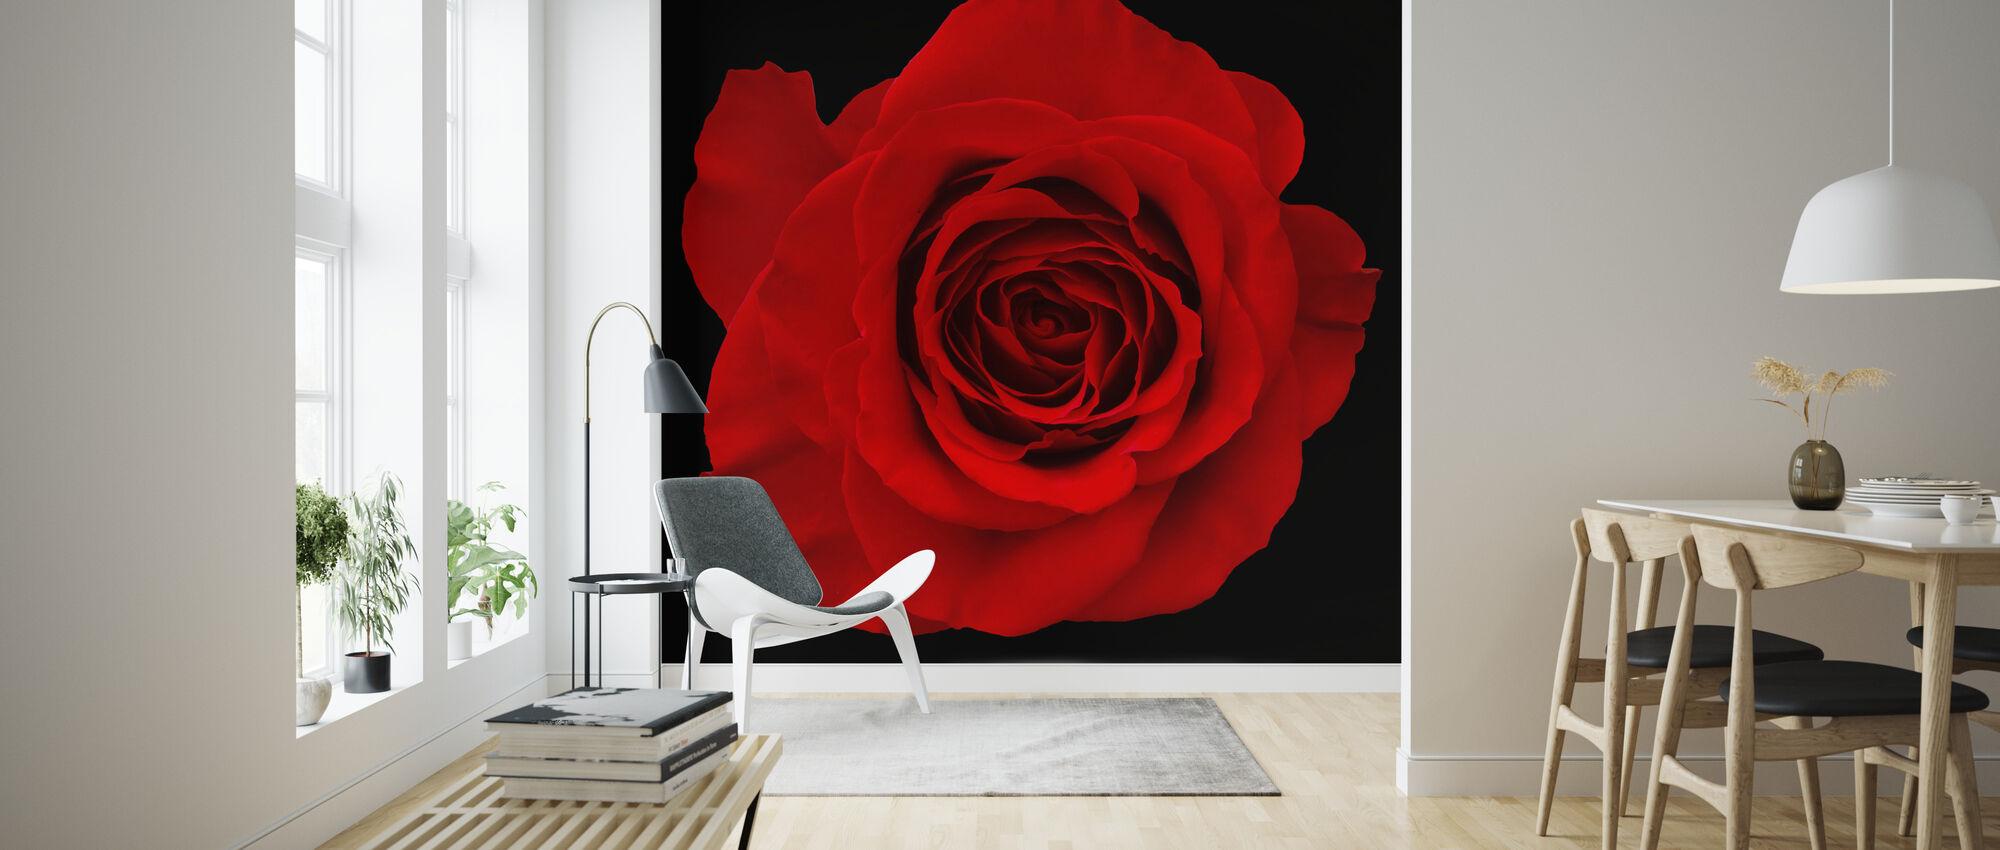 Punainen ruusu eristetty - Tapetti - Olohuone